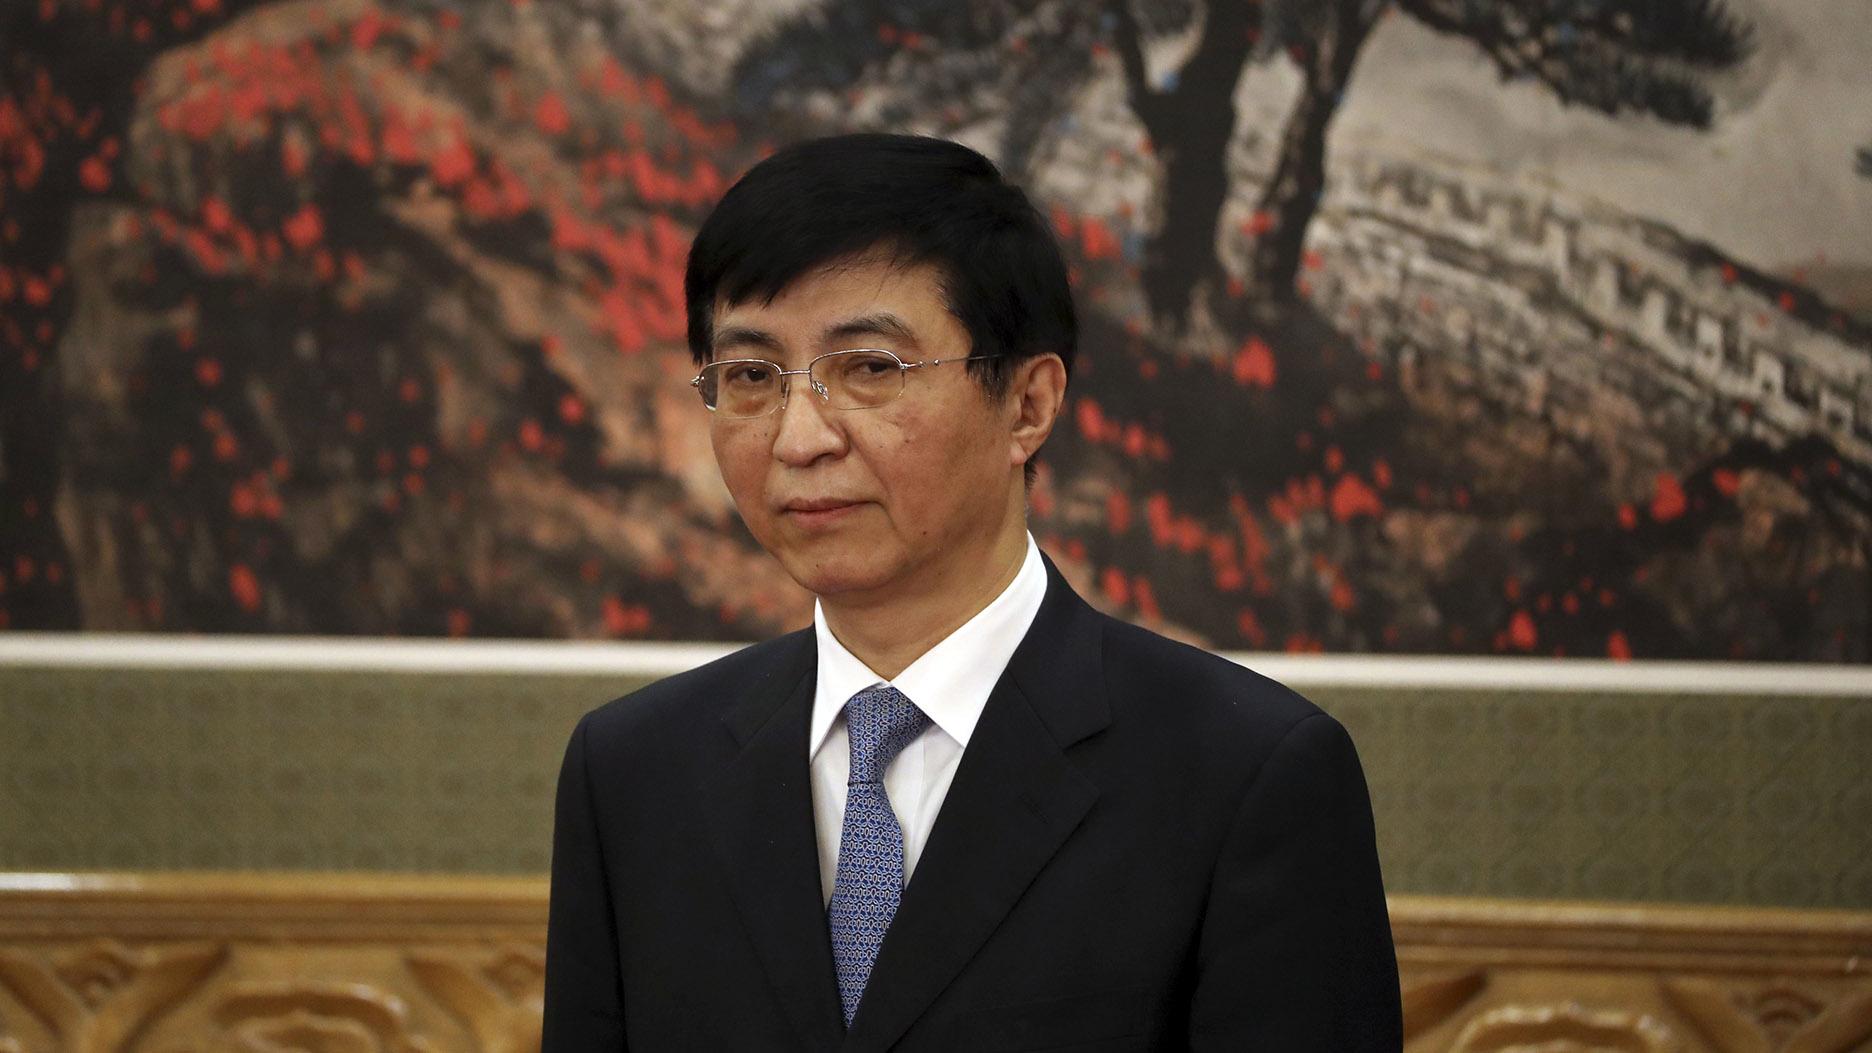 中共中央政治局常委王滬寧。(美聯社)